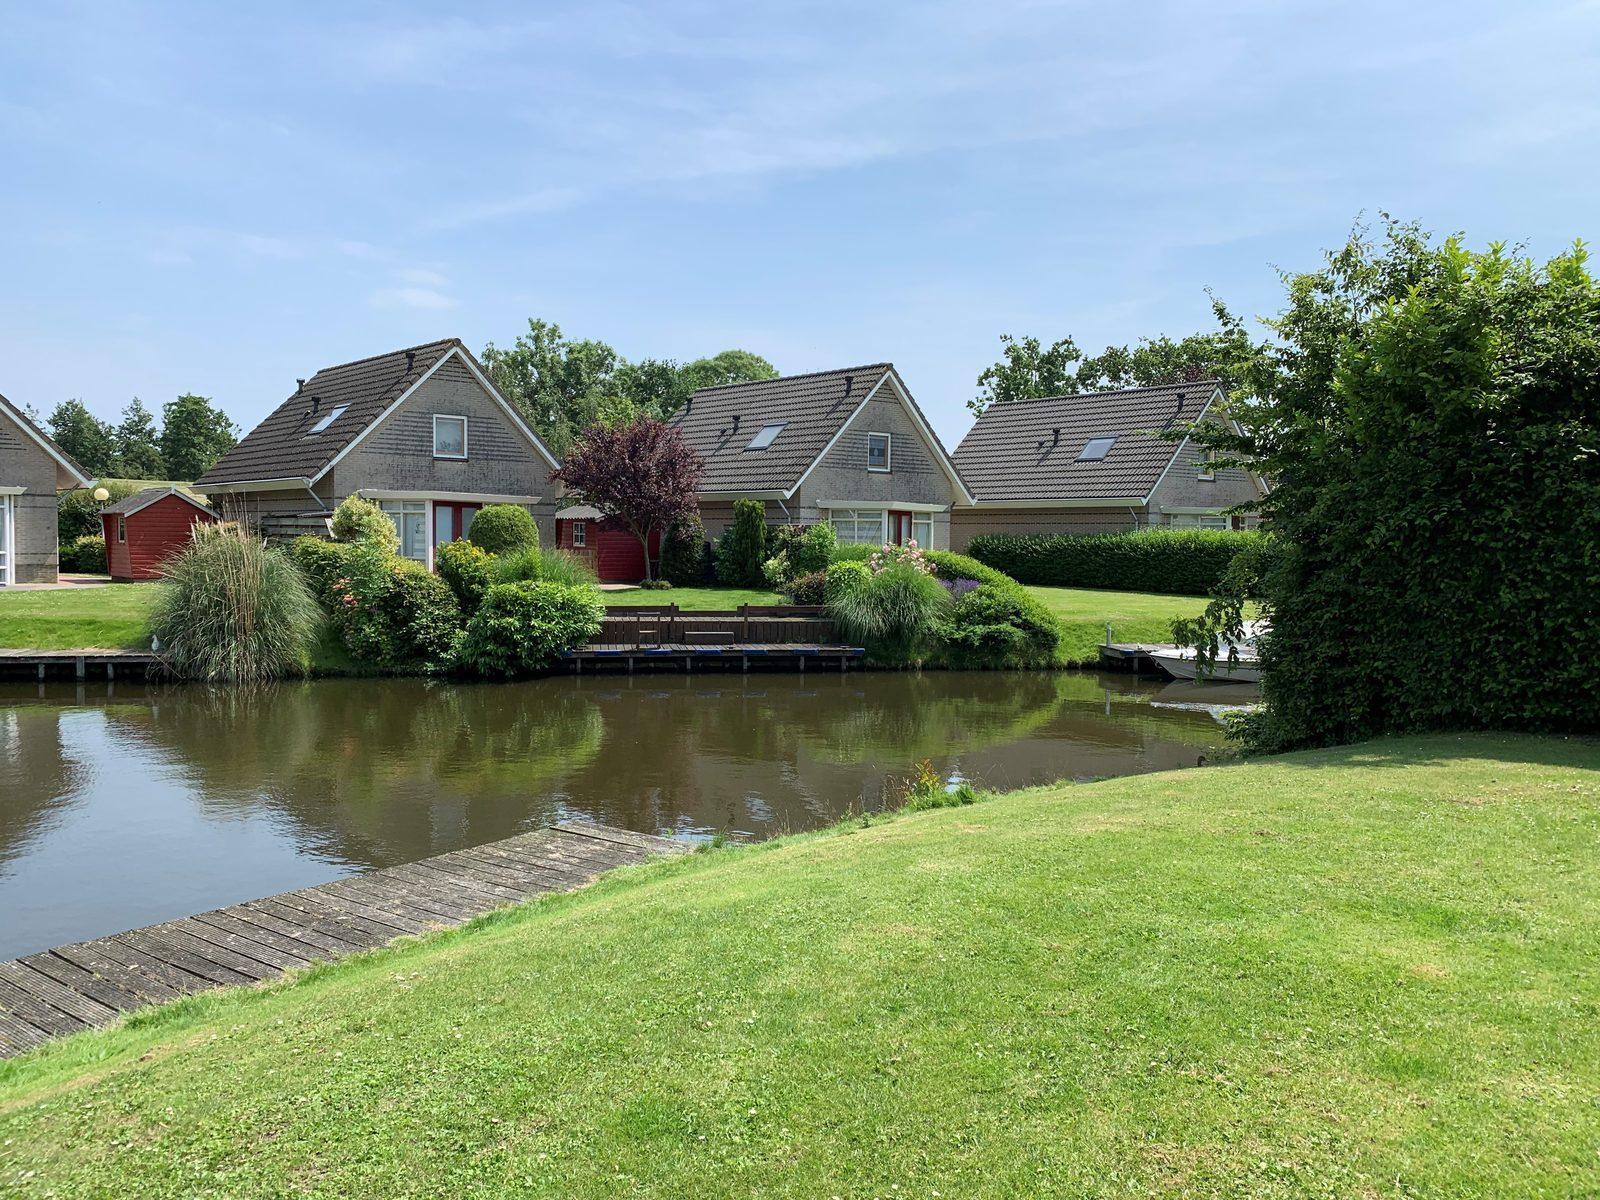 Vakantiehuis Noord-Holland 6 personen